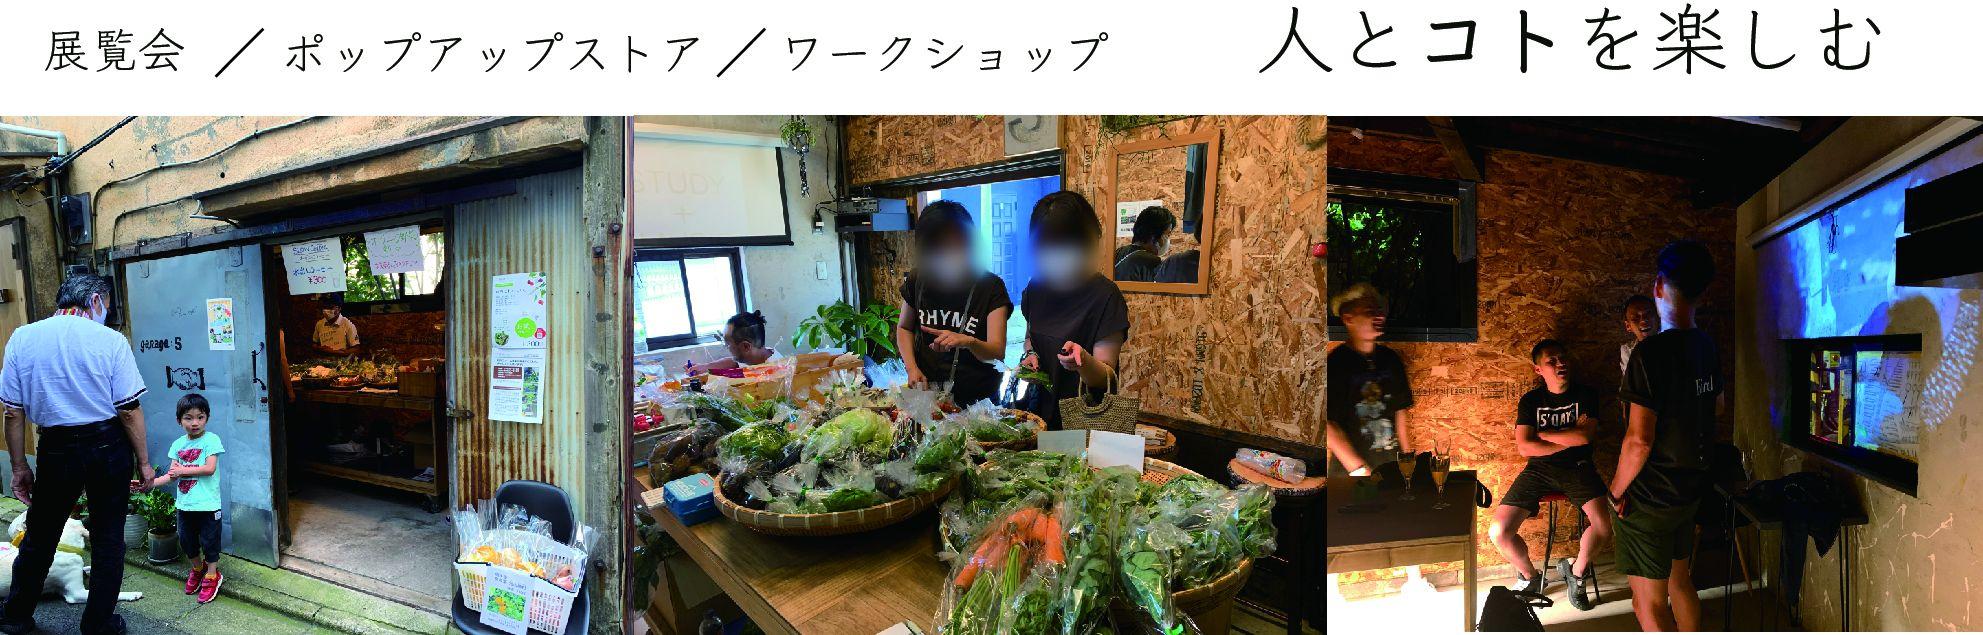 東京都大田区山王の路地裏に個性的なネイルサロン【my-bird】レンタルスペース【garage;S】が♪ご一緒にモノ・トキ・コトでお散歩しませんか?